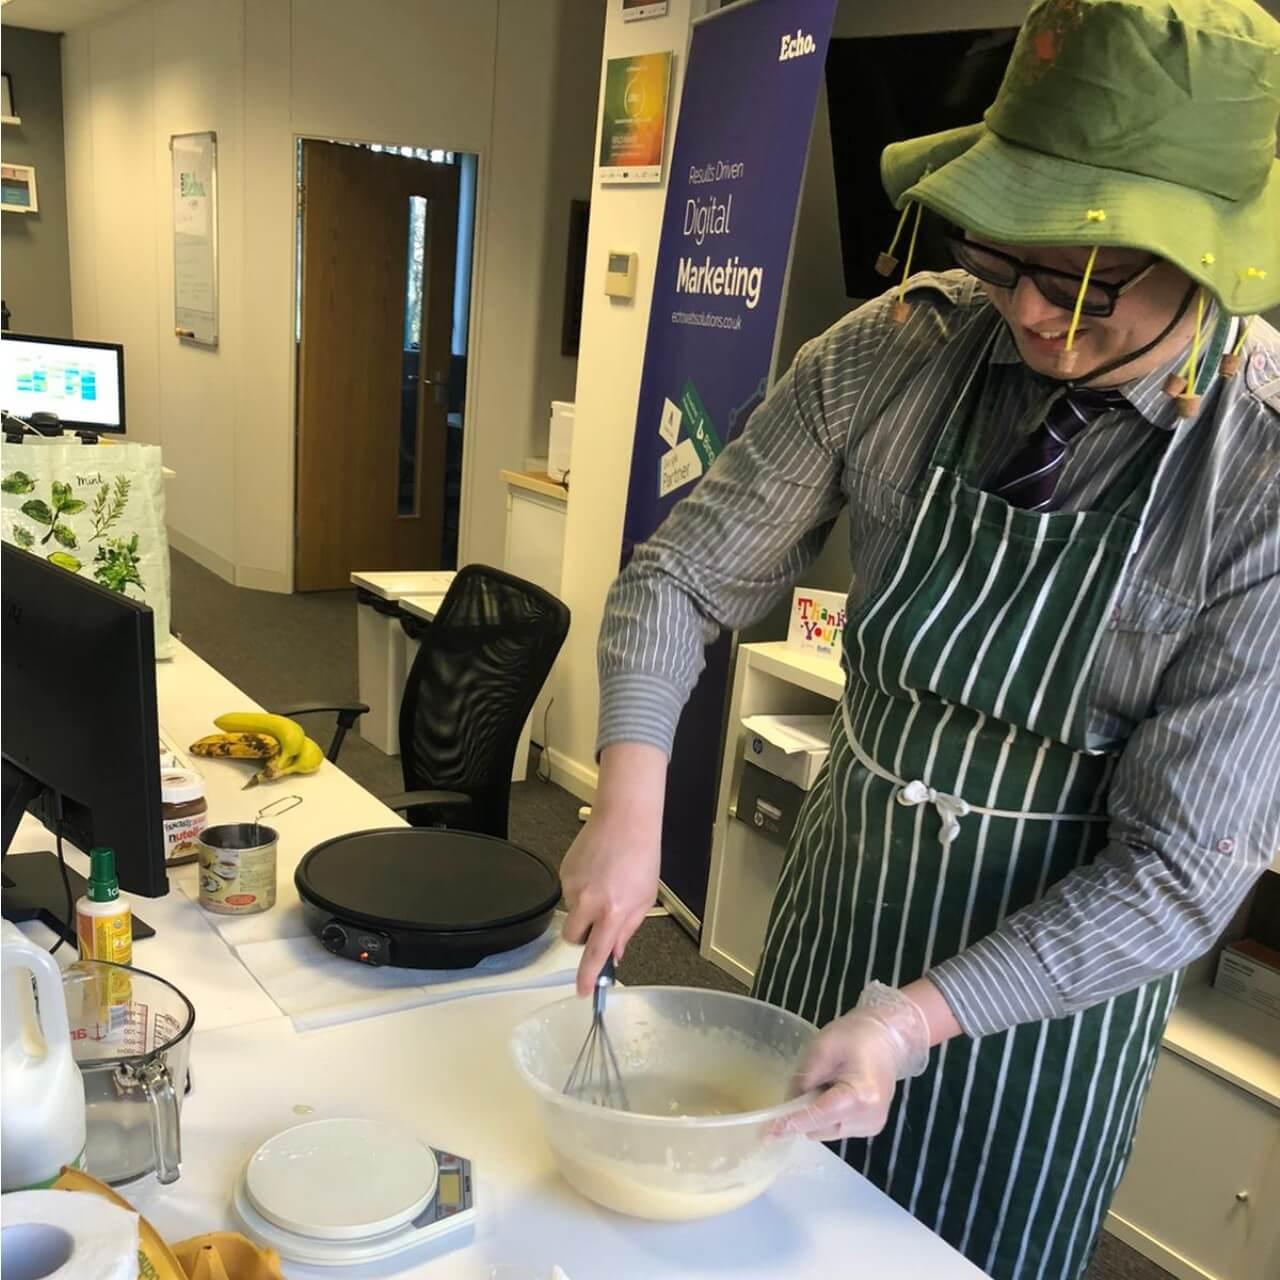 Pancake making at Echo